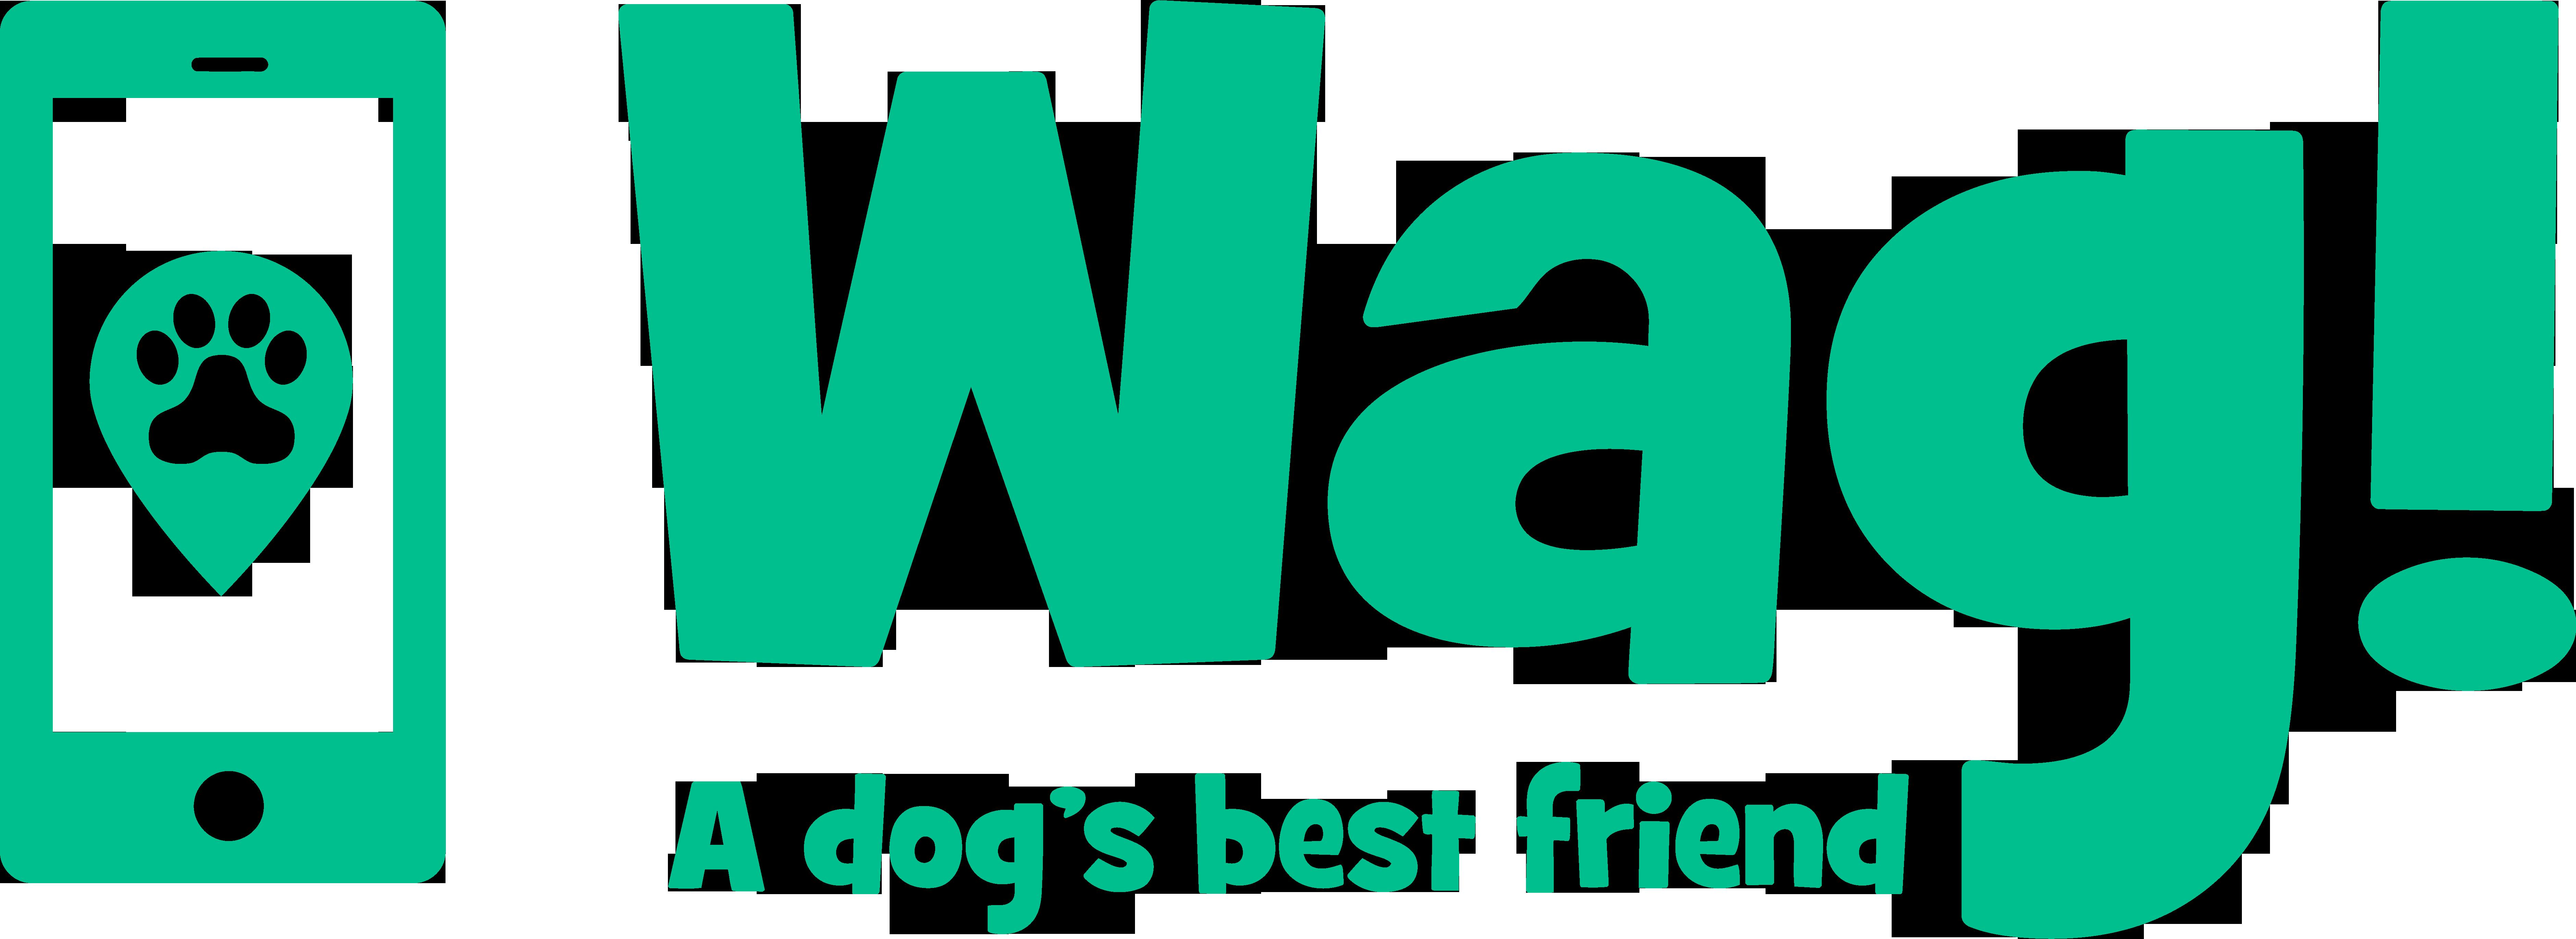 Wag!_Logo_Green.